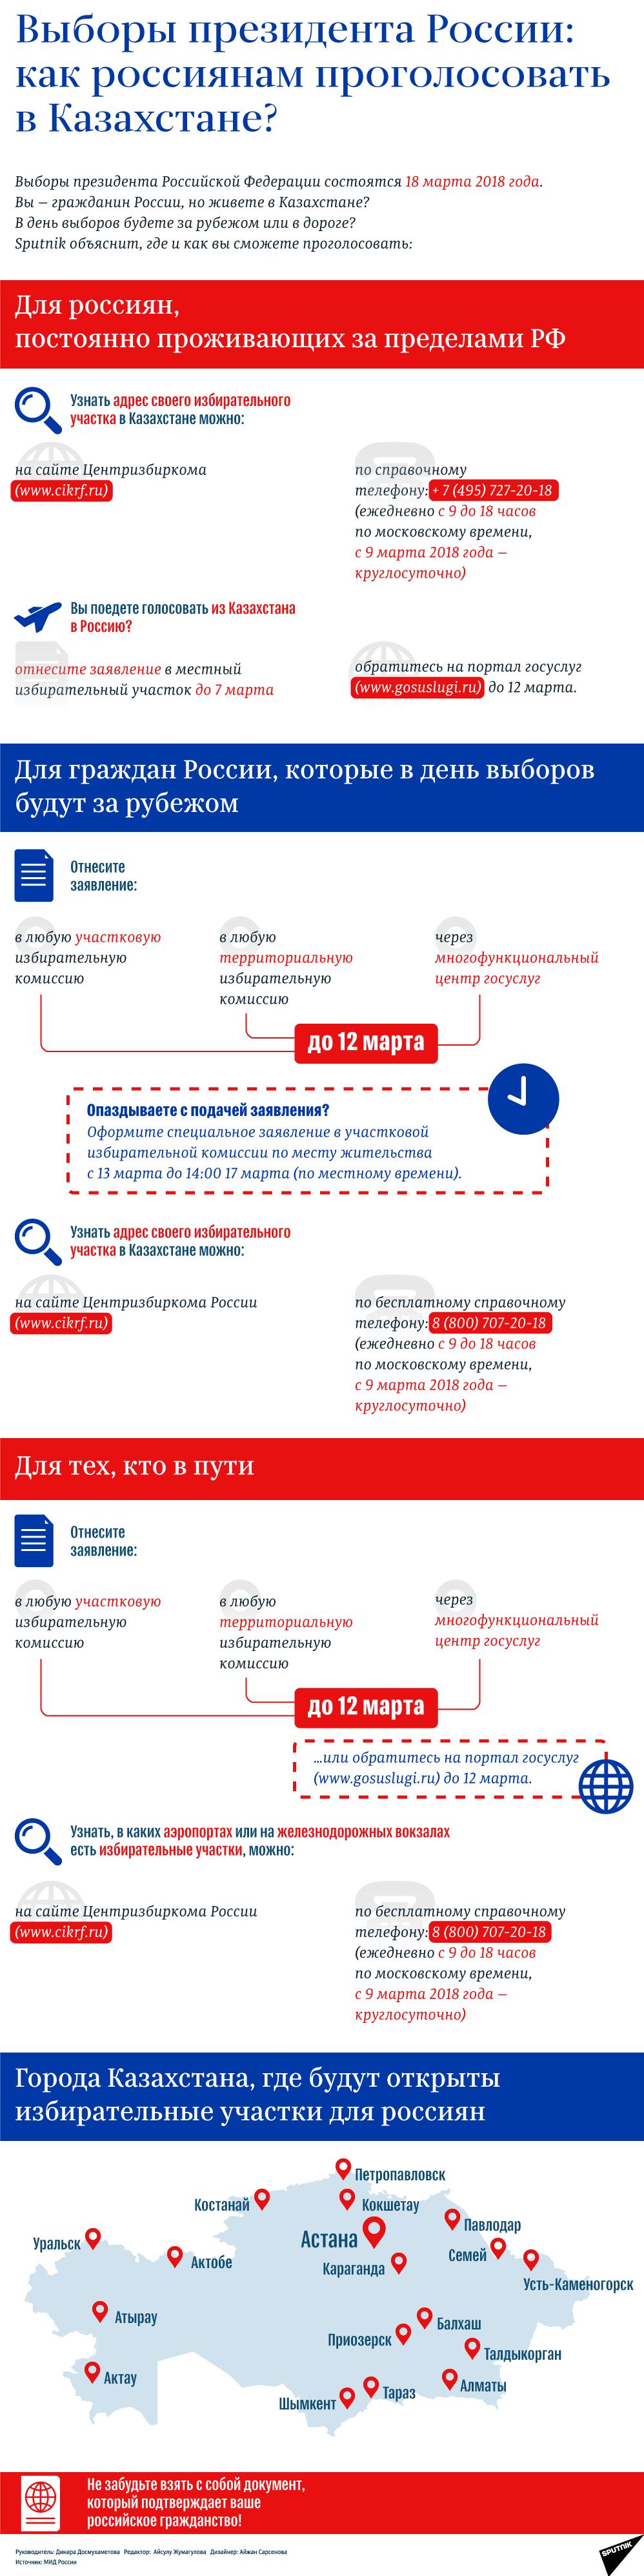 Как россияне могут проголосовать в Казахстане на выборах президента России